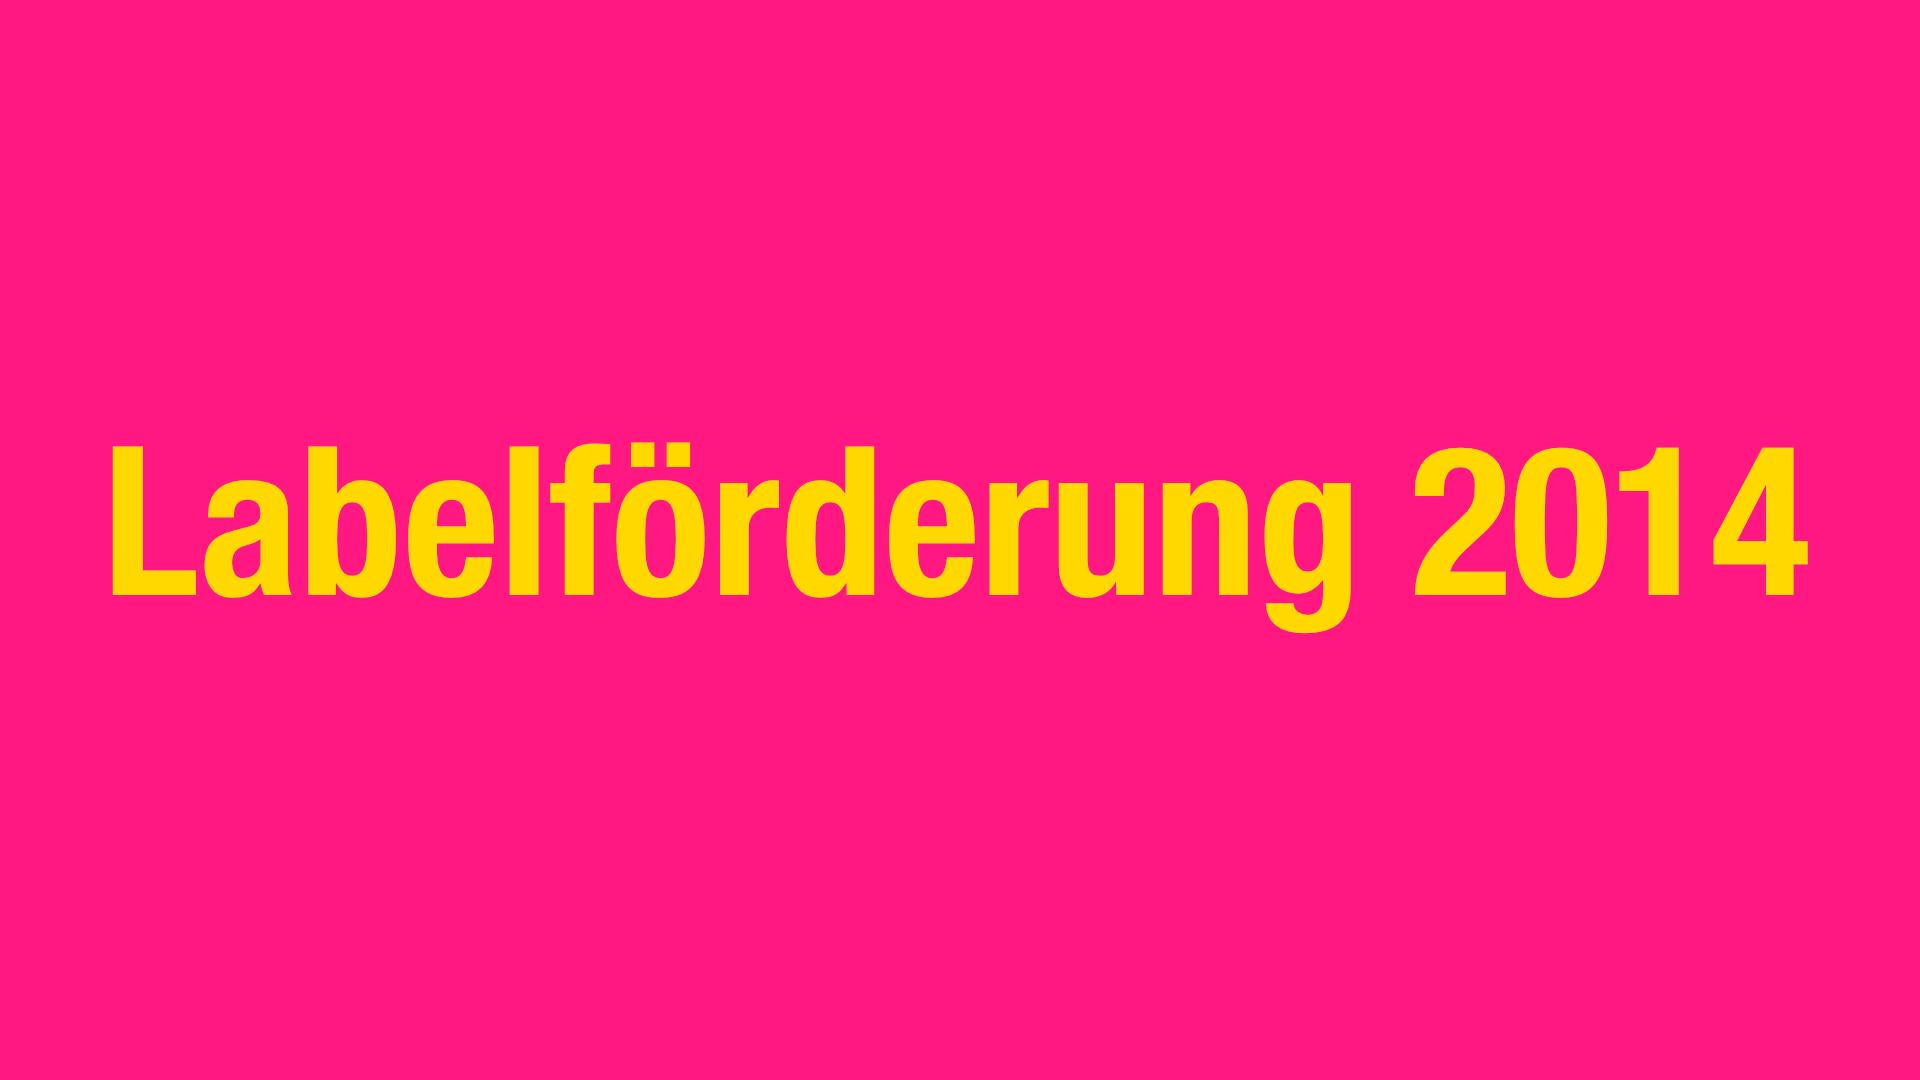 Labelförderung 2014